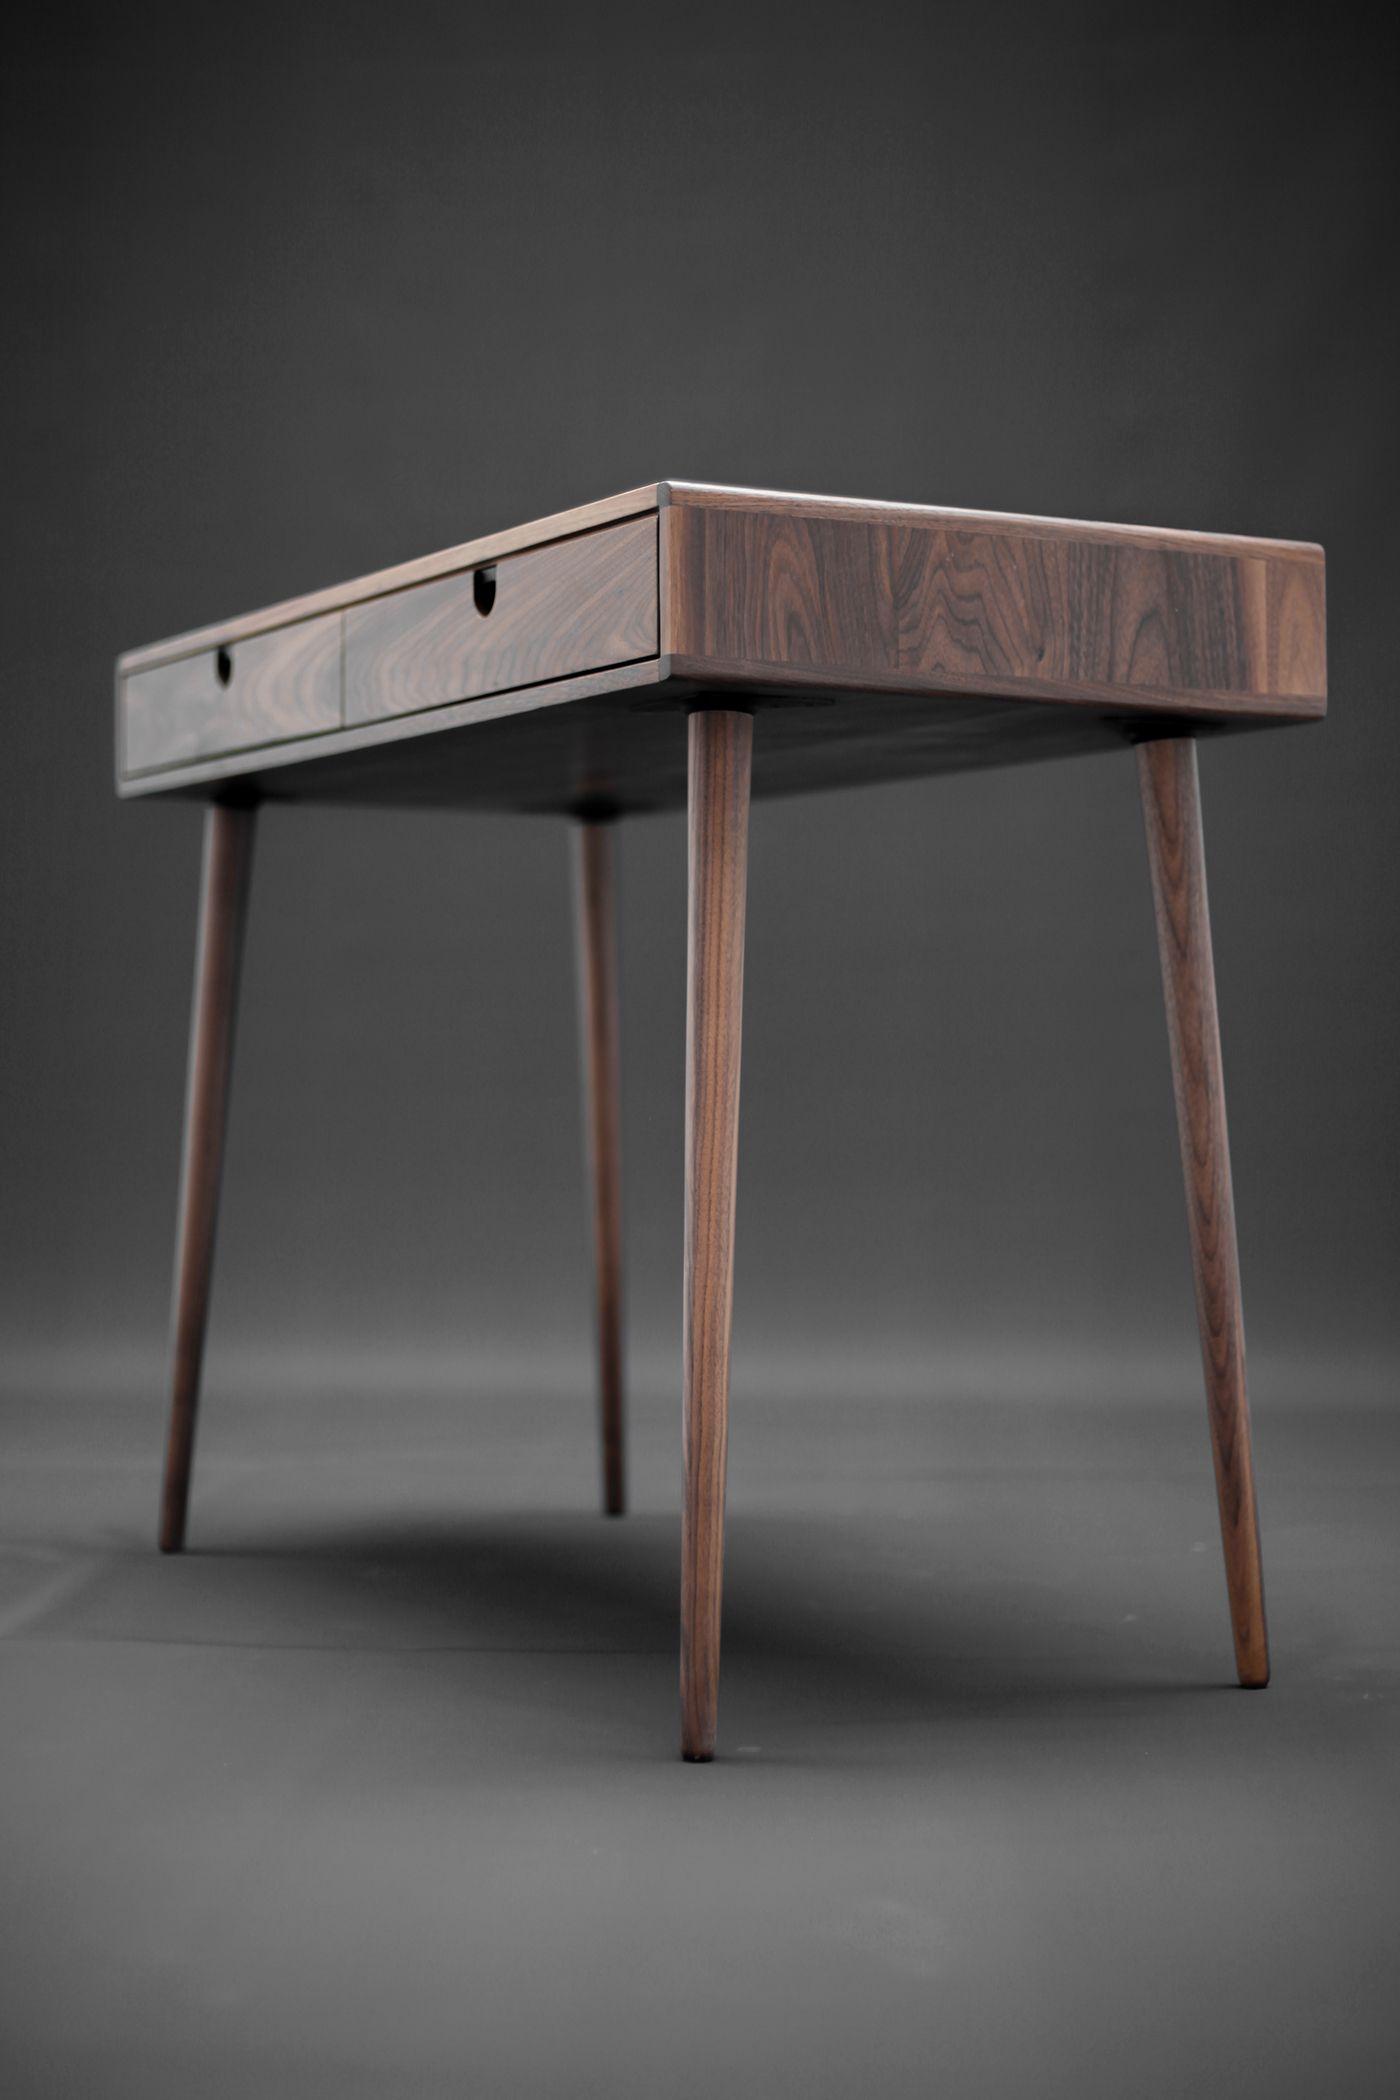 Desk , bureau in solid walnut board on Behance